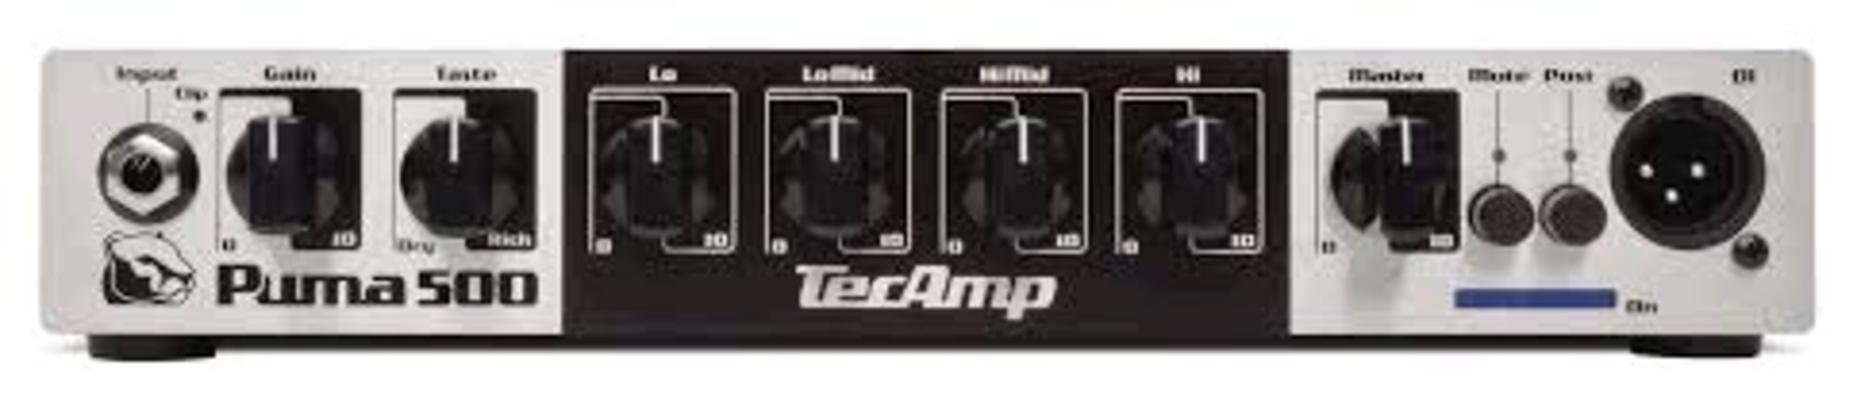 TecAmp Puma 500 Head 500 W 4 Ohm, 300 W 8 Ohm